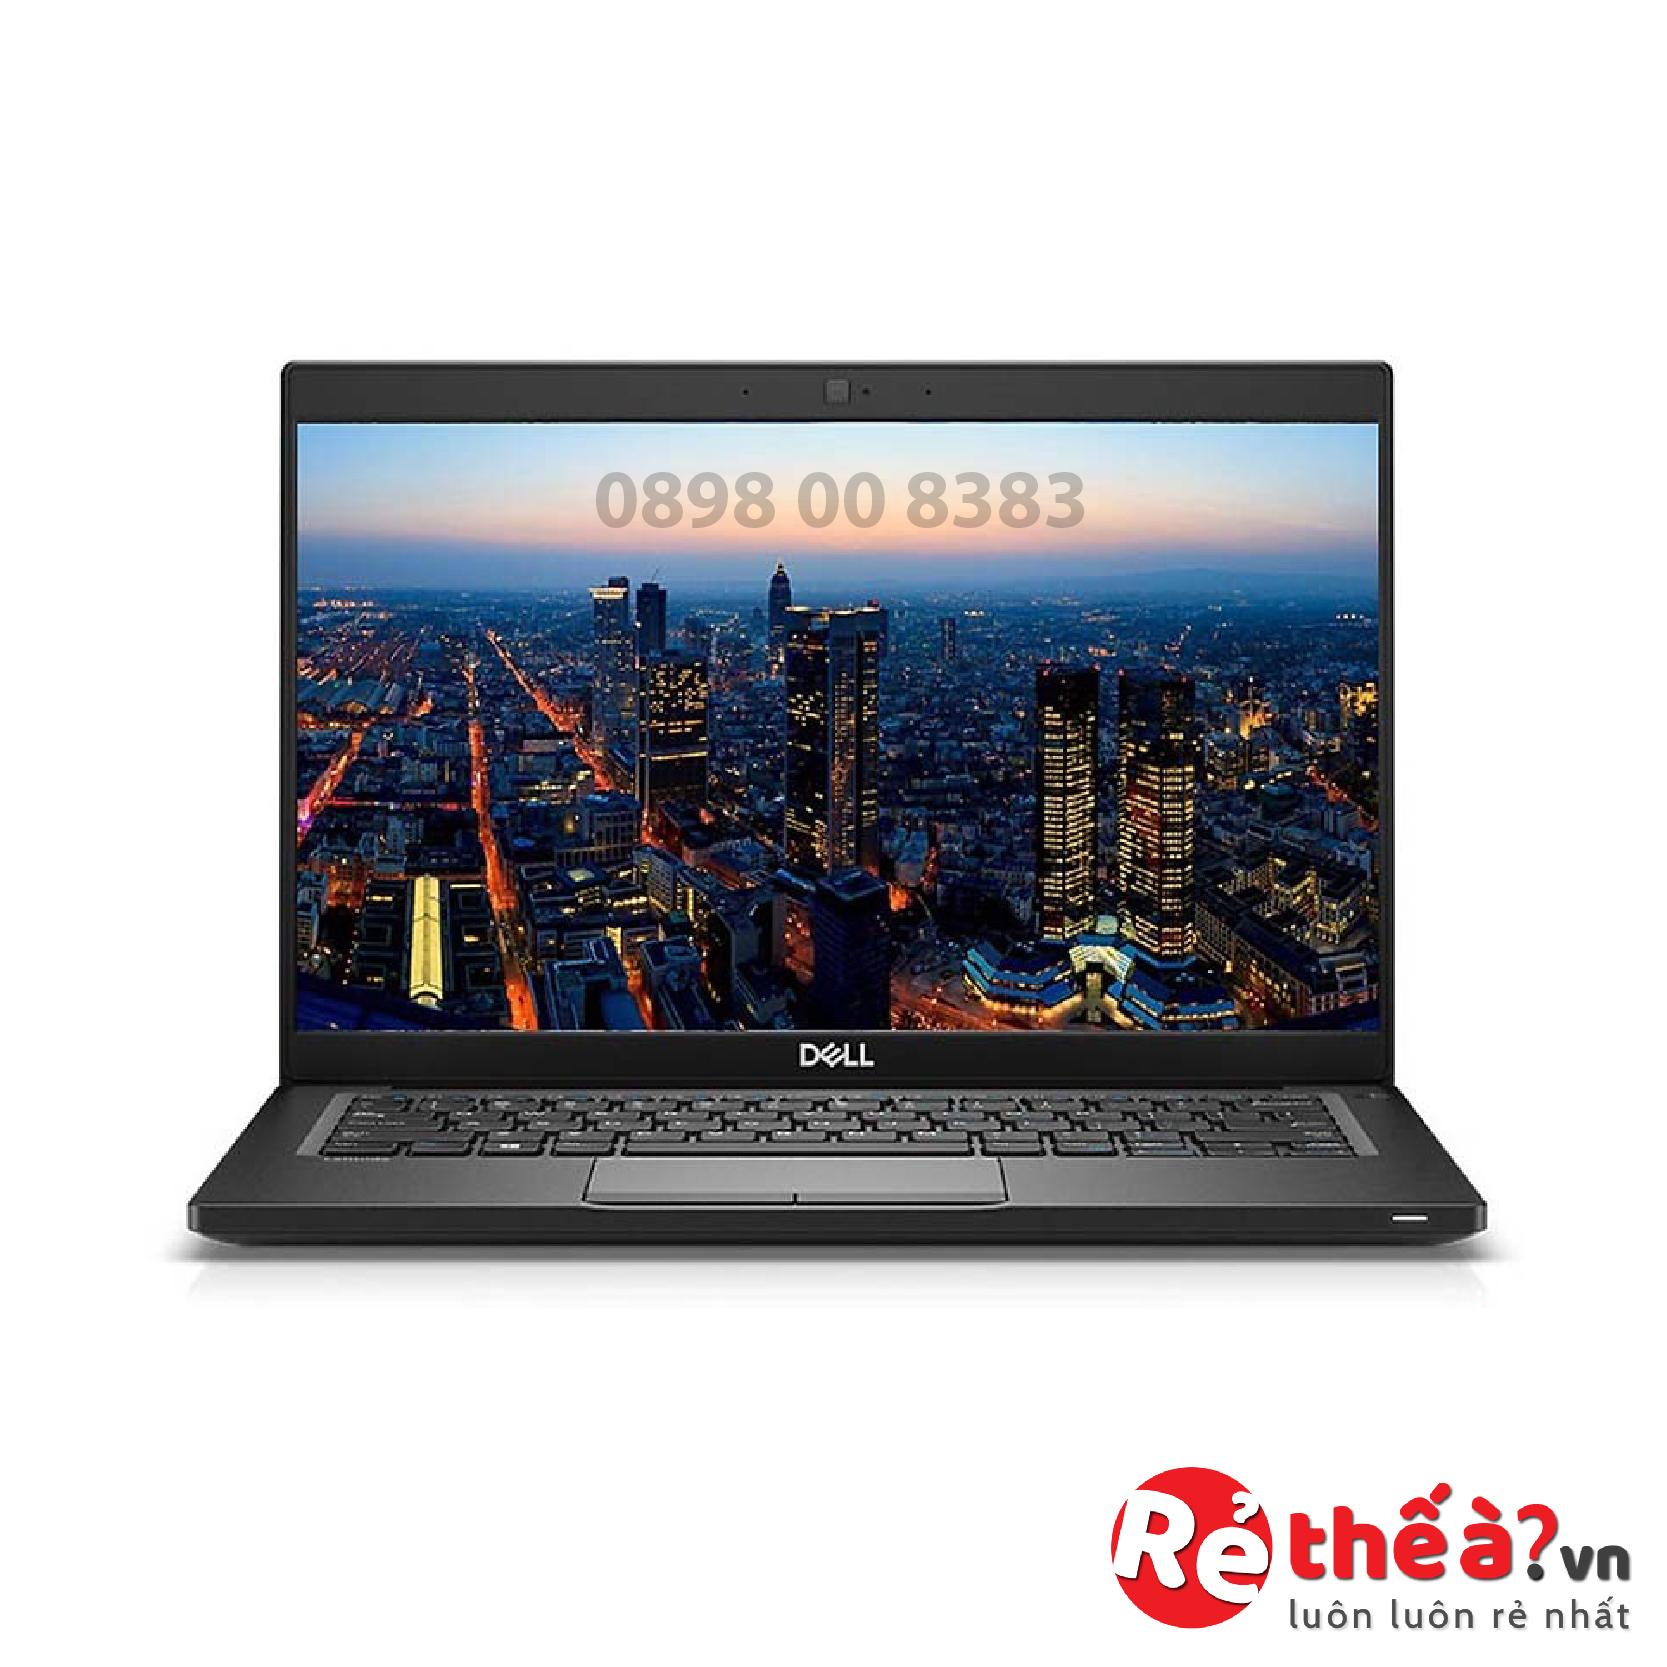 Laptop Dell Latitude E7390